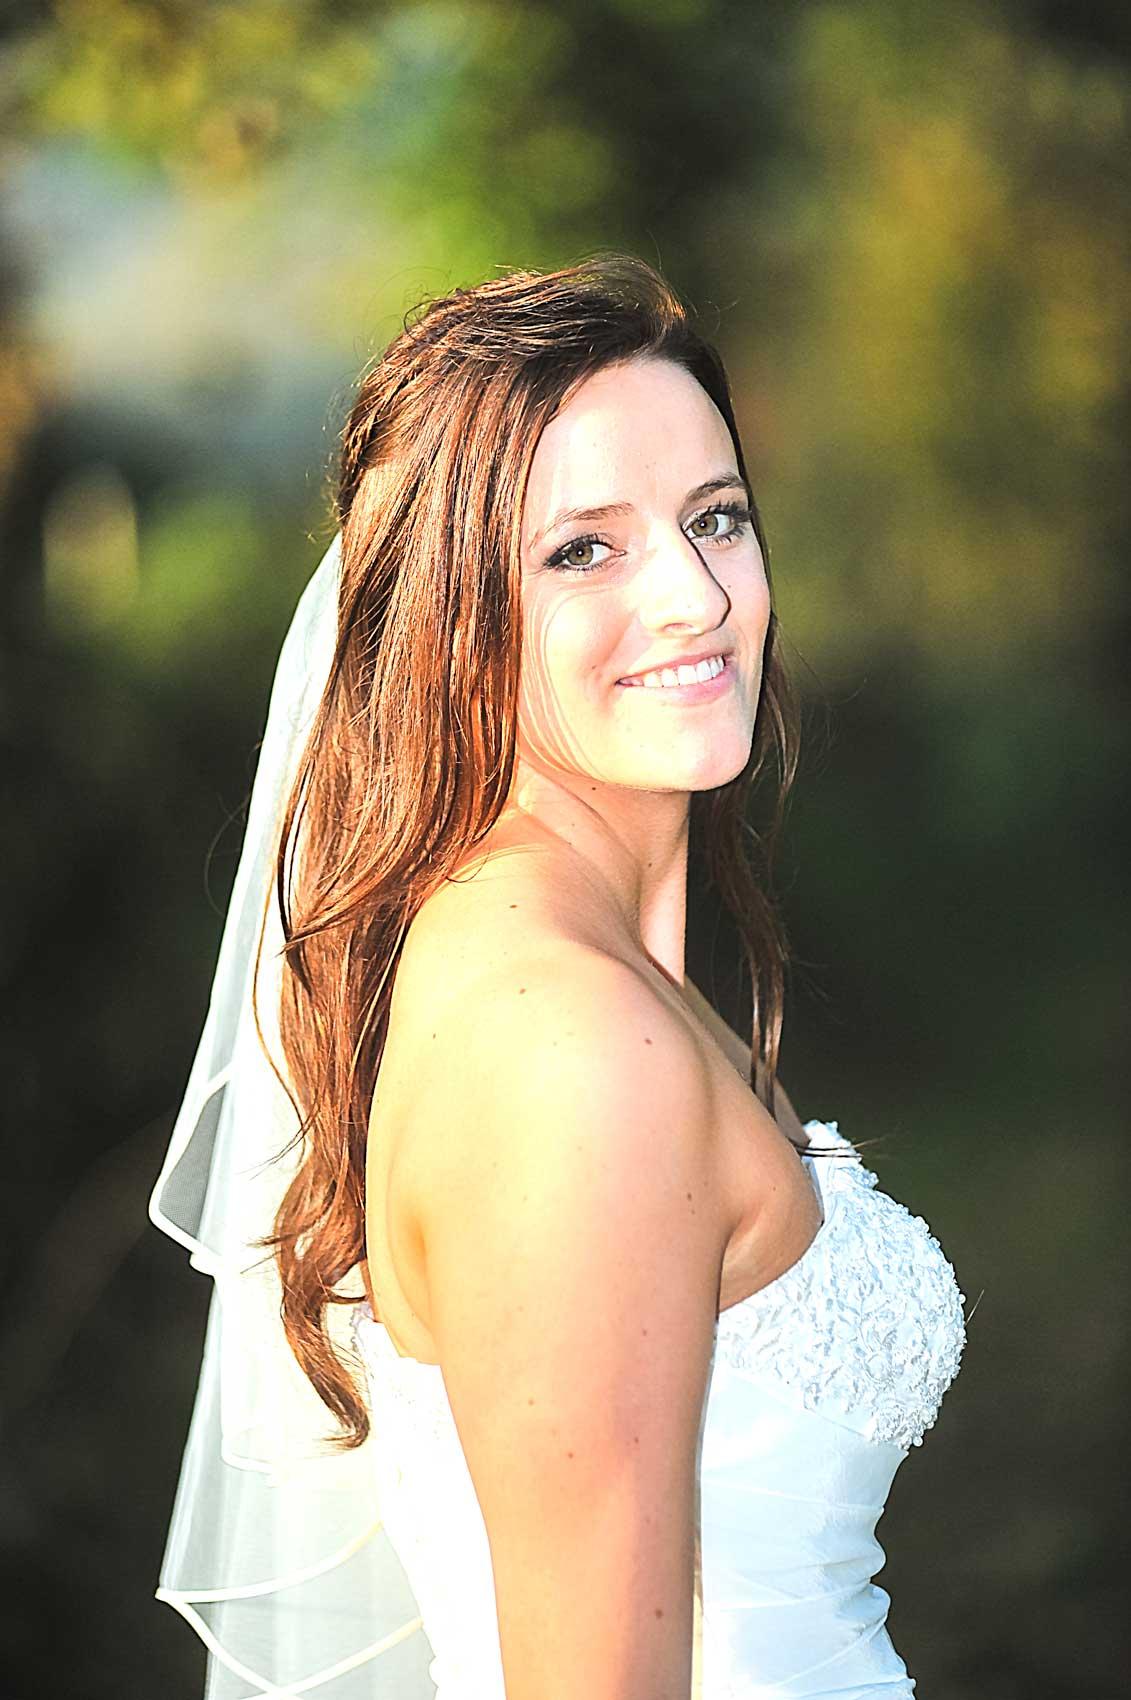 Wasing Park Wedding Photography Bridal Portraits at Wasing Park